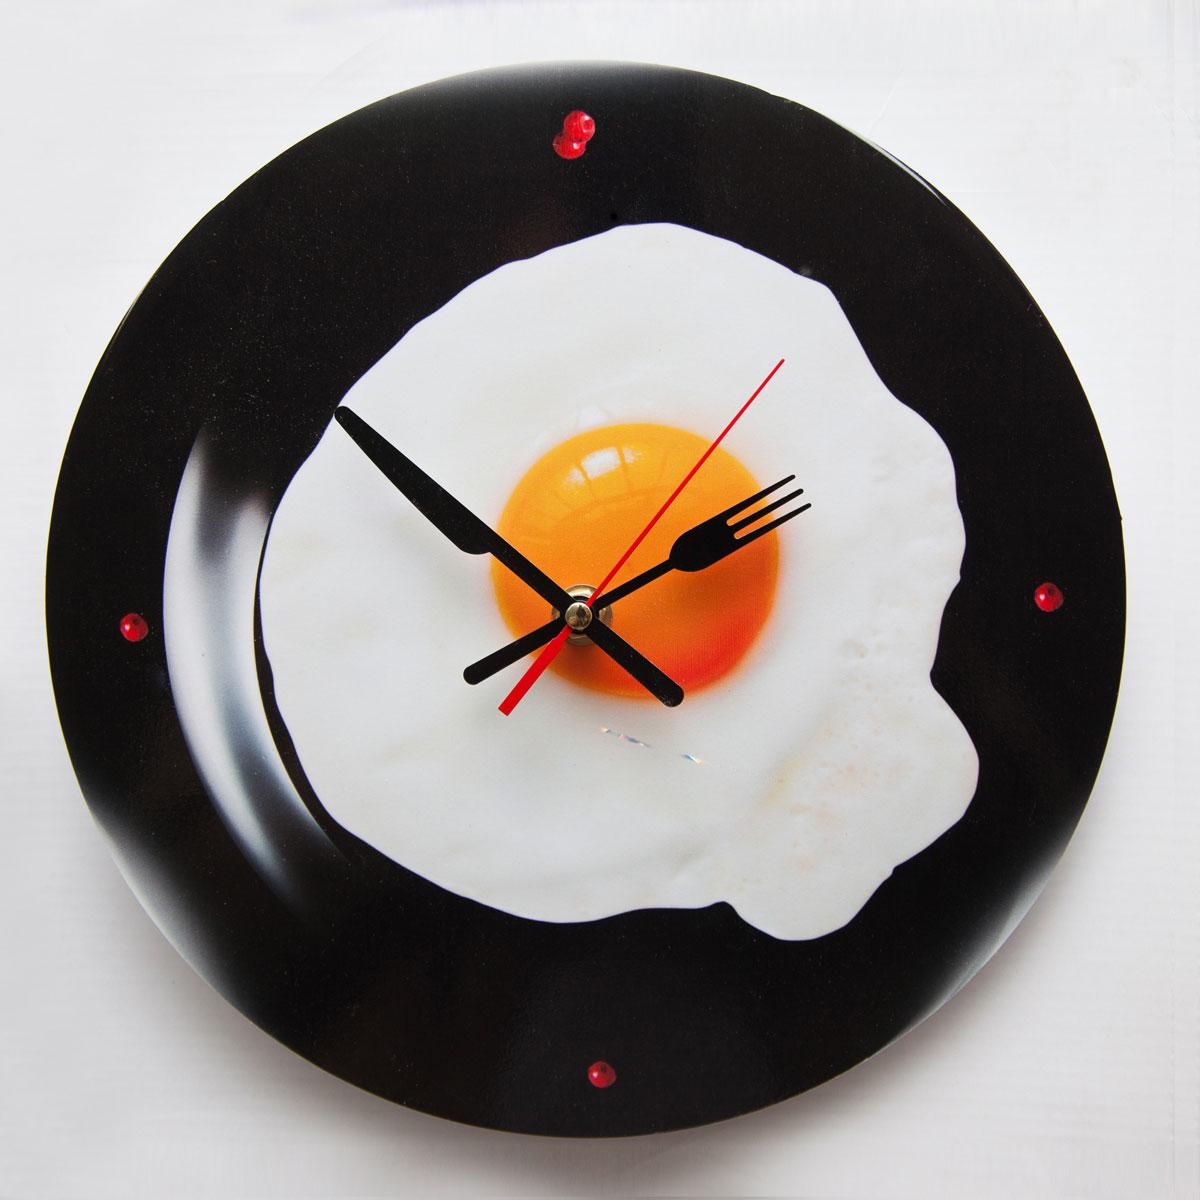 Часы настенные Magellanno Тарелка с глазуньей, кварцевые, цвет: черный, 32 х 32 смWC004RGBАппетитная яичница – глазунья на тарелке это отличное дополнение в интерьер кухни, аможет быть и комнаты. Свежий взгляд на время и хорошее настроение каждое утро –обеспечены! Настенные часы пластиковые, механизм кварцевый, батарейка в комплект невходит. Рисунок: печатный рисунок Тип индикации: точки Габариты предмета (см): ширина: 32 см; глубина: 2.5 см; высота: 32 см Размещение часов: настенные Форма часов: круглые Механизм часов: кварцевые Материал стекла: нет Доп. опции интерьерных часов: дискретный ход